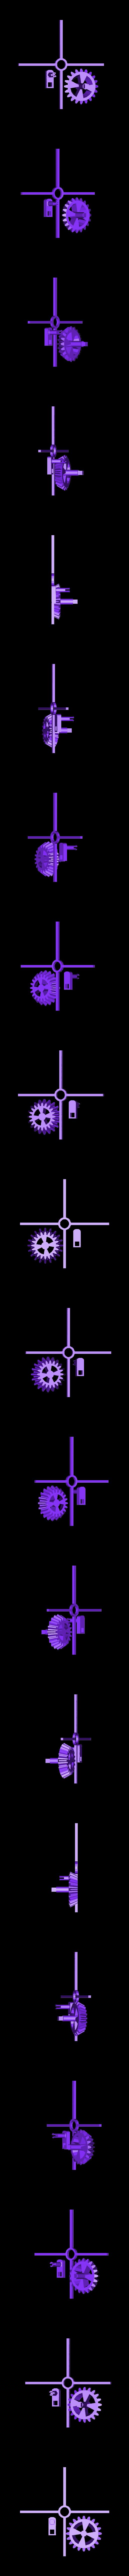 recordplayer_v2_set3.stl Télécharger fichier STL gratuit Lecteur vinyle coudé à la main v2.0 • Objet pour imprimante 3D, Tramgonce